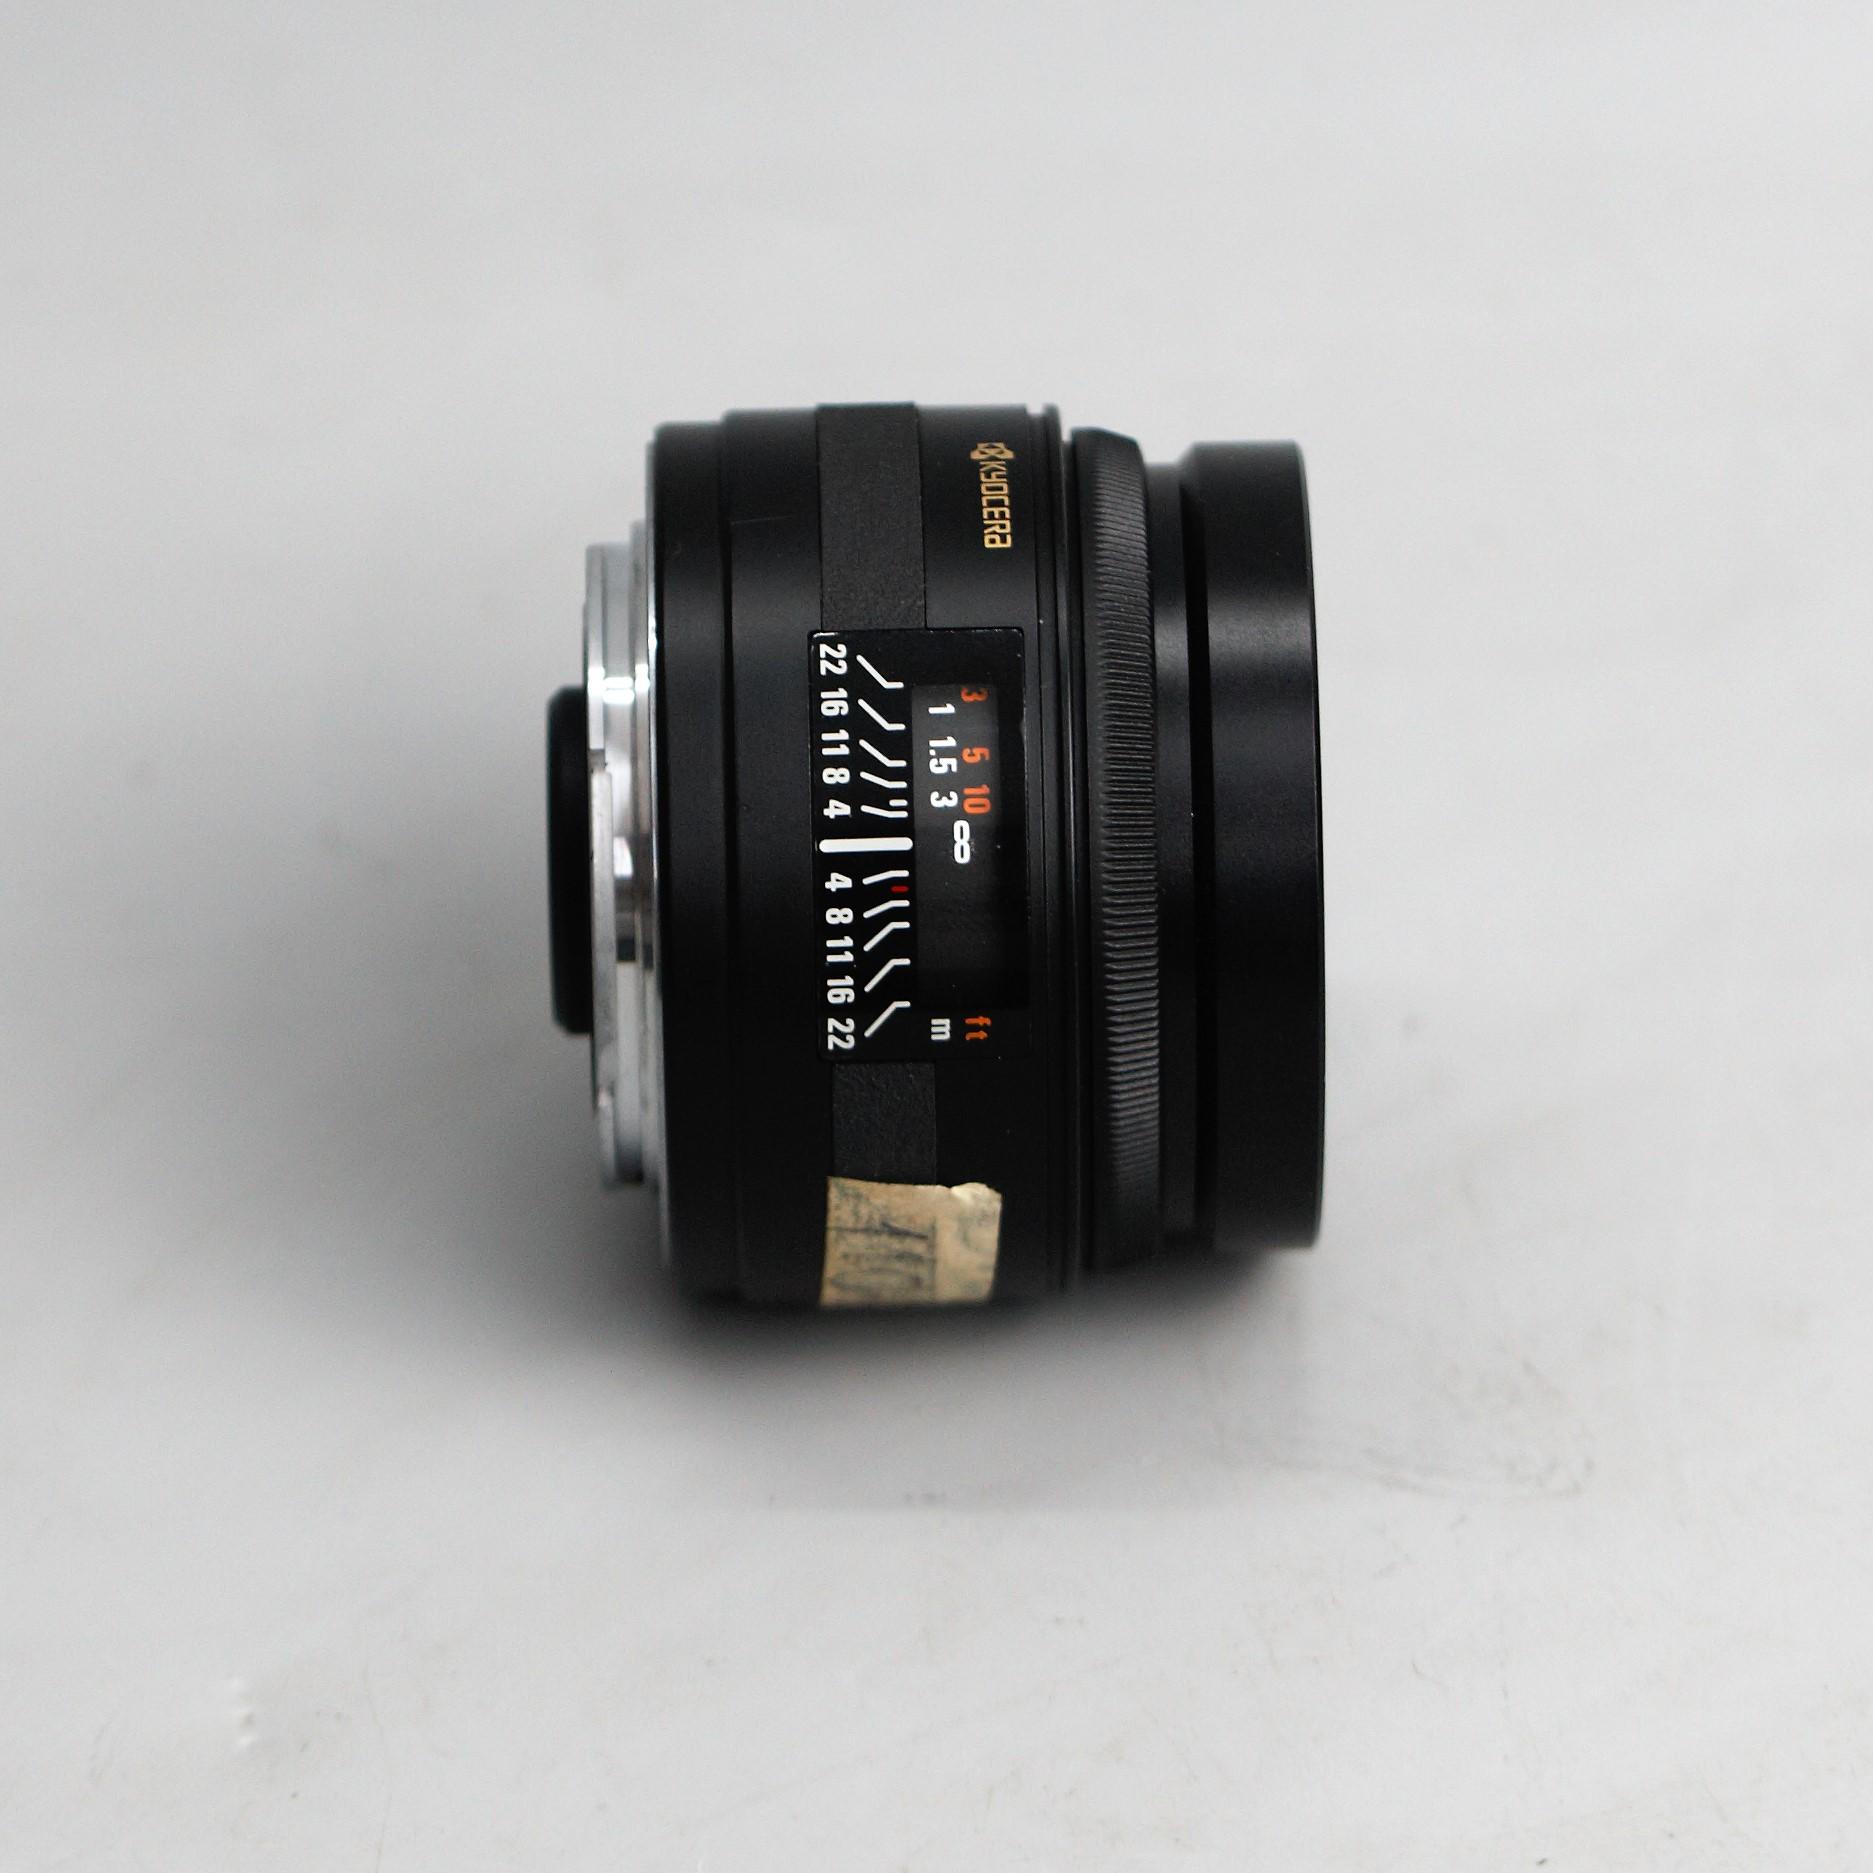 kyocera-24mm-f2-8-contax-af-sony-a-24-2-8-11011